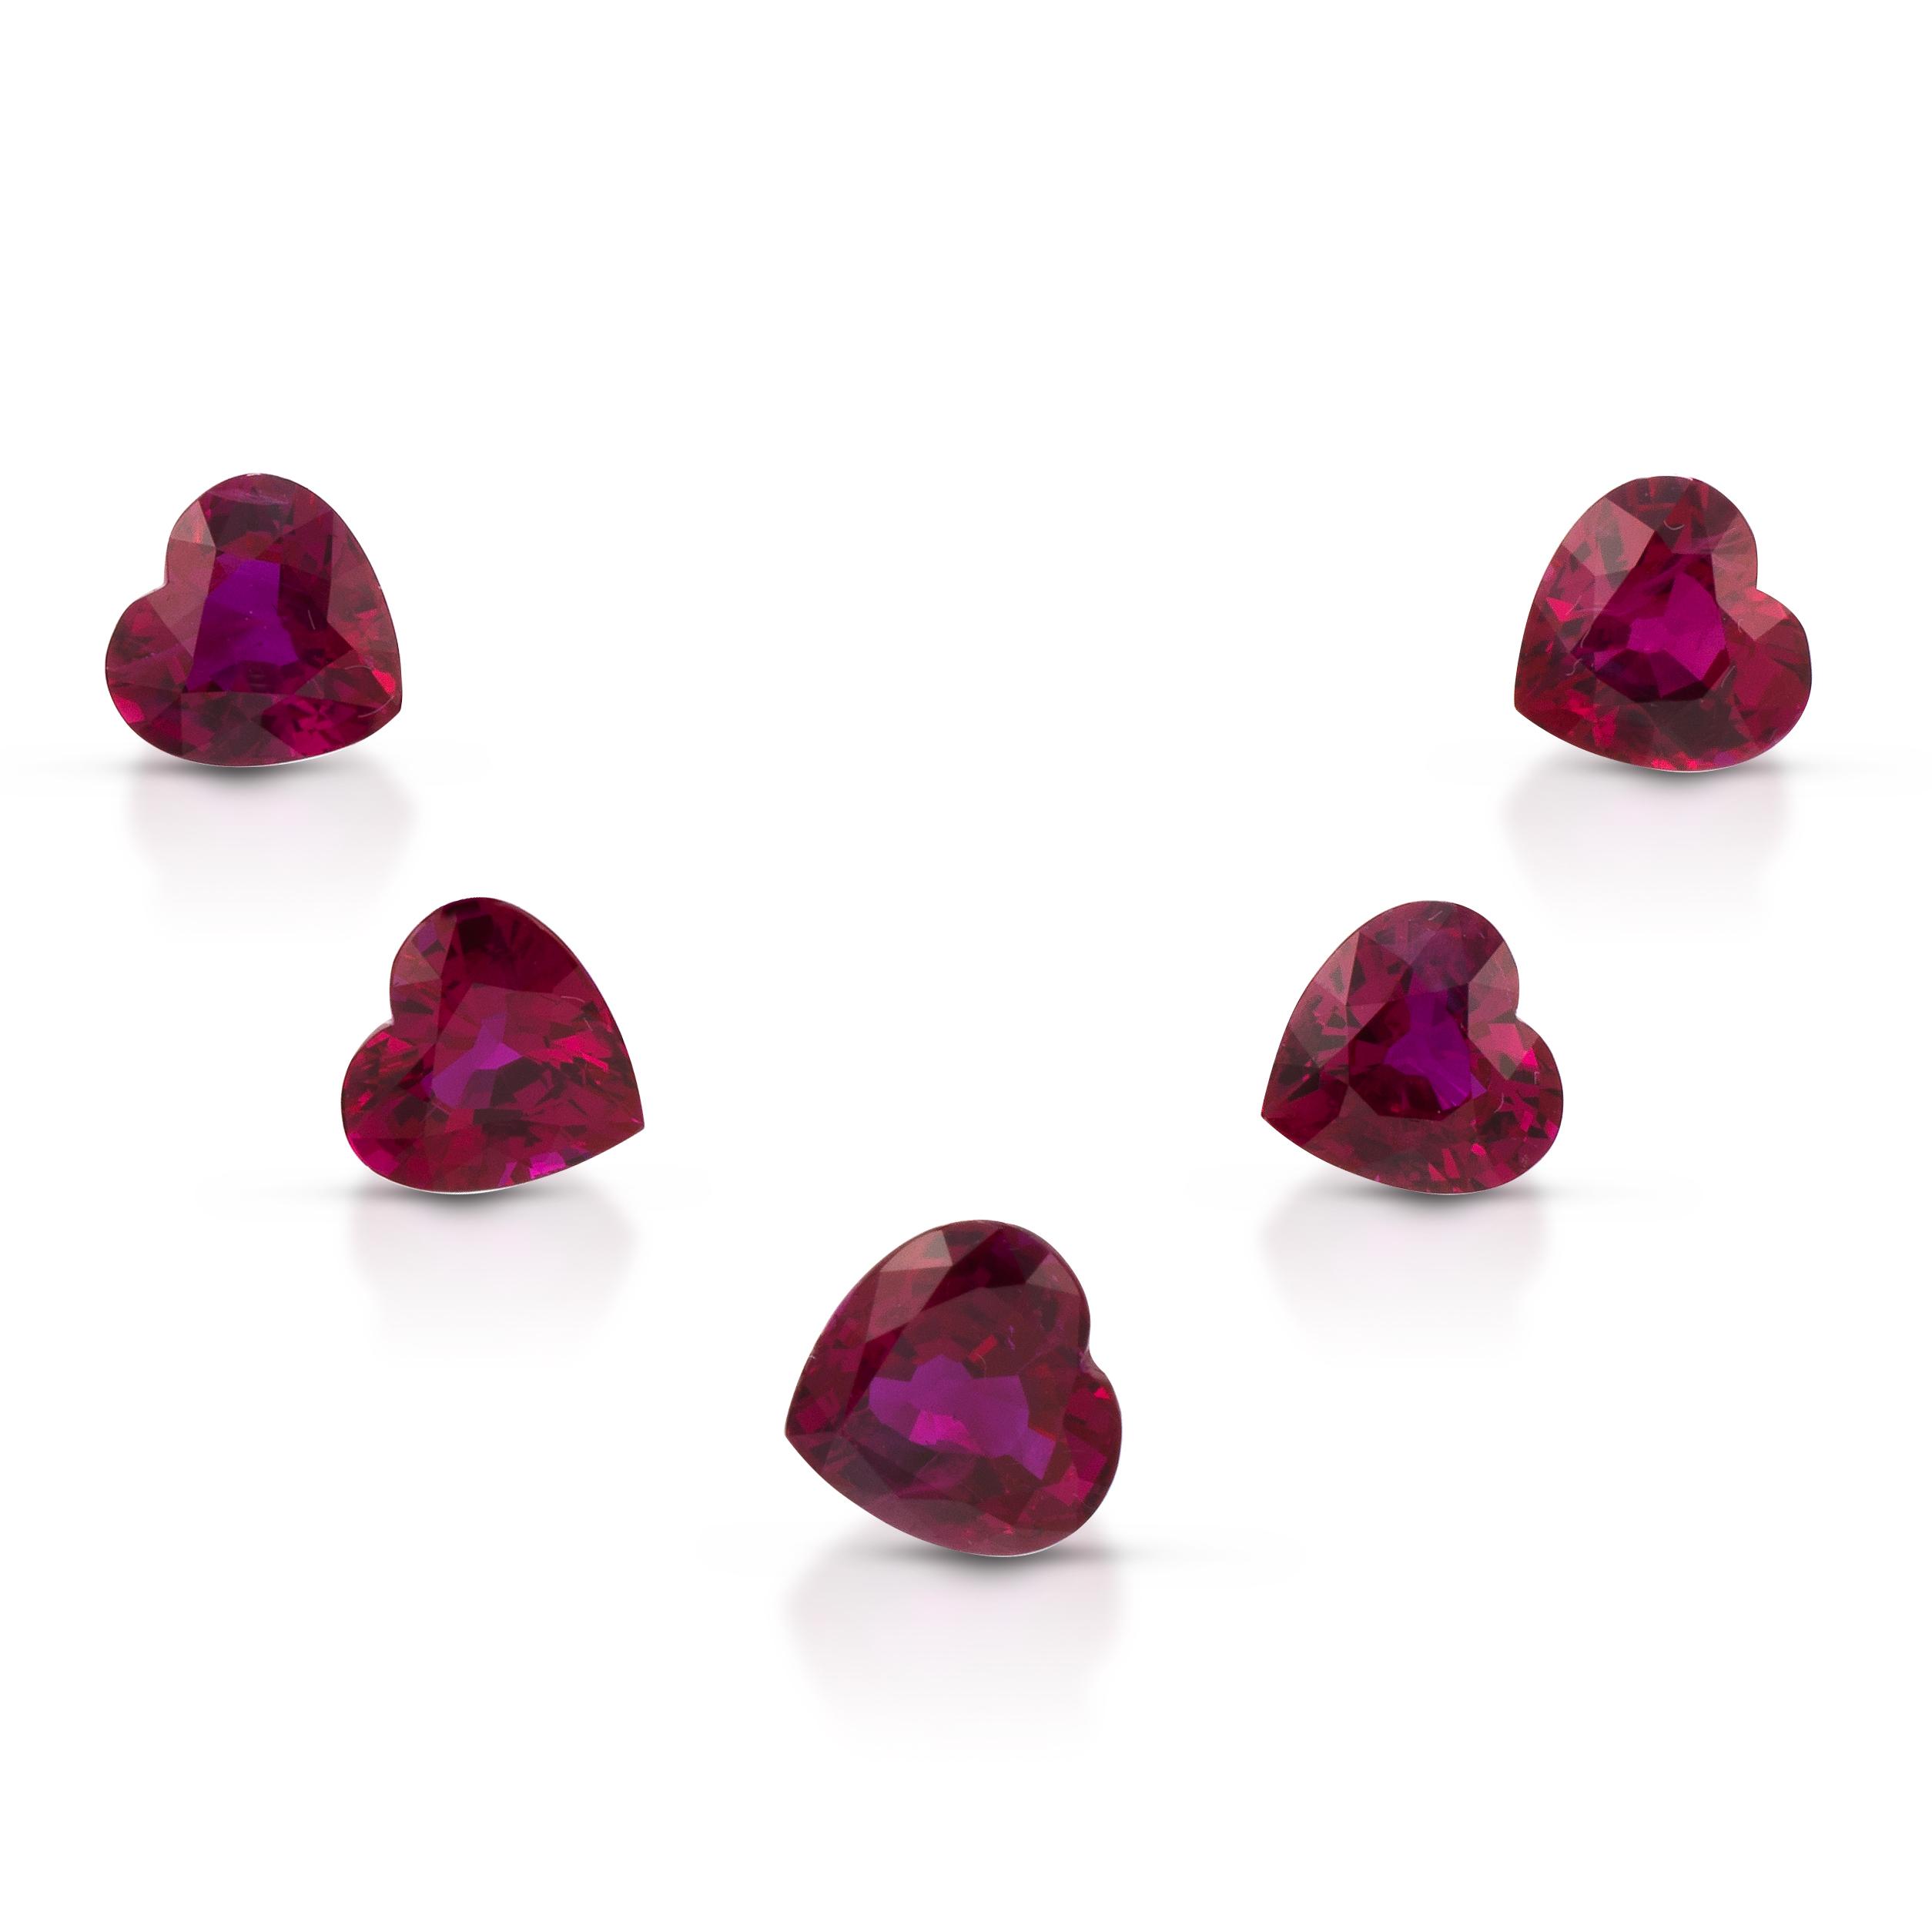 ClaudiaHamann_Ruby_Burma_ HeartShape_PreciousSetForNecklace_7.00cts